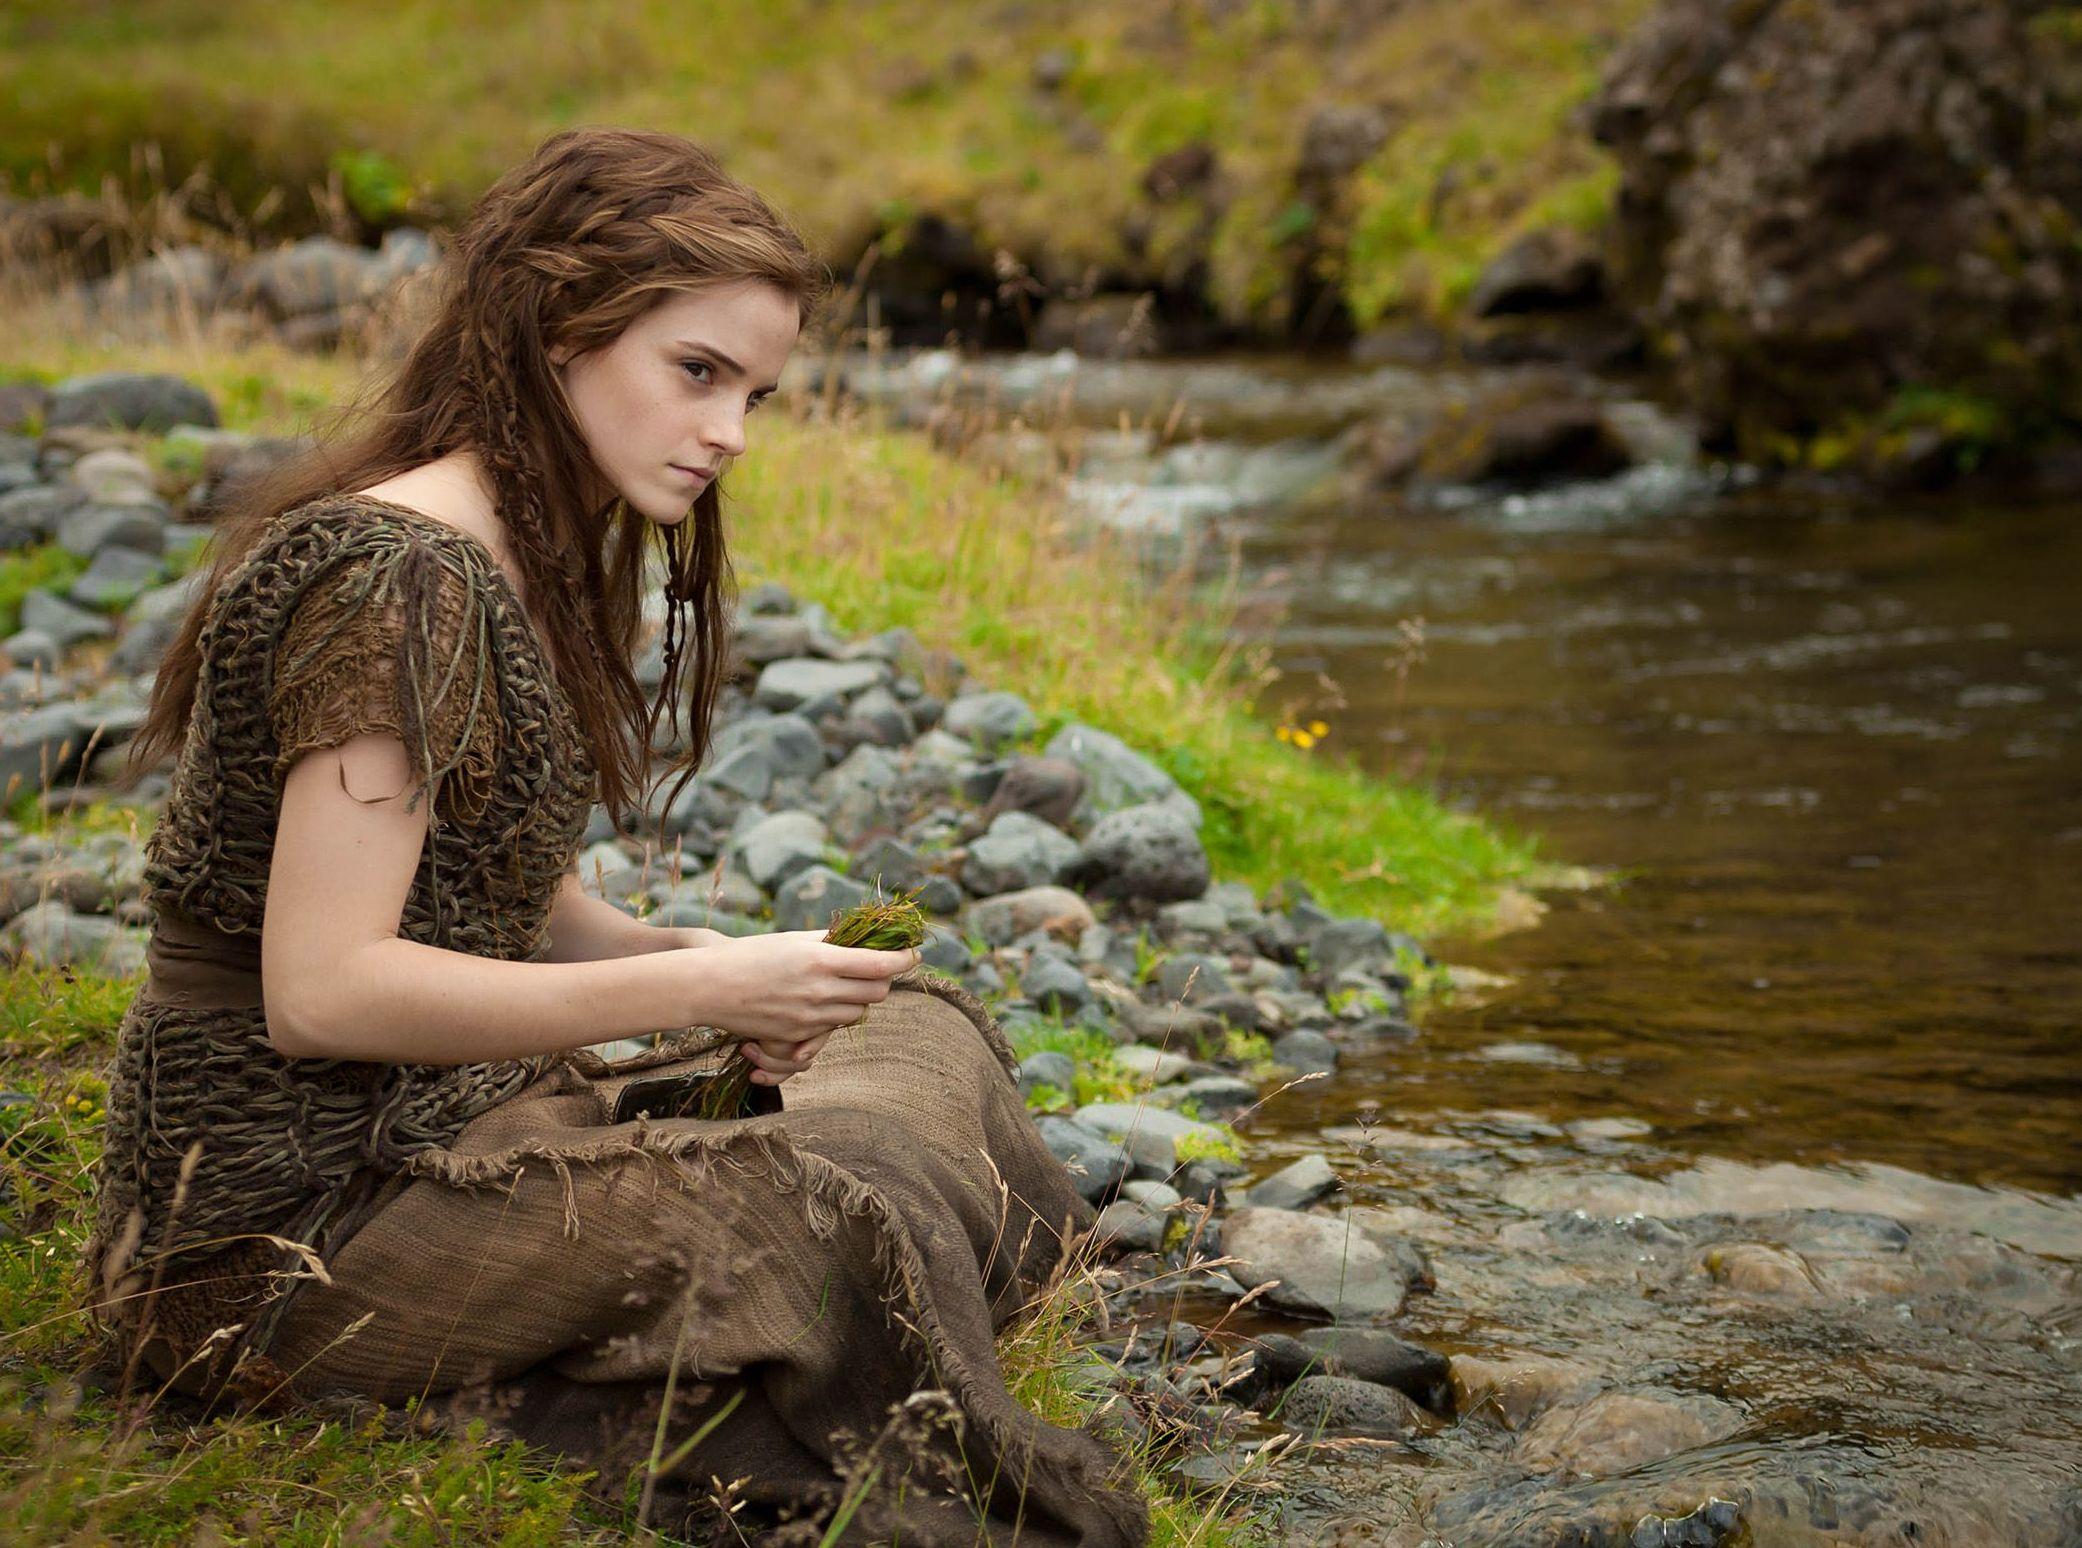 Emma Watson as Ila sitting by the water in Noah